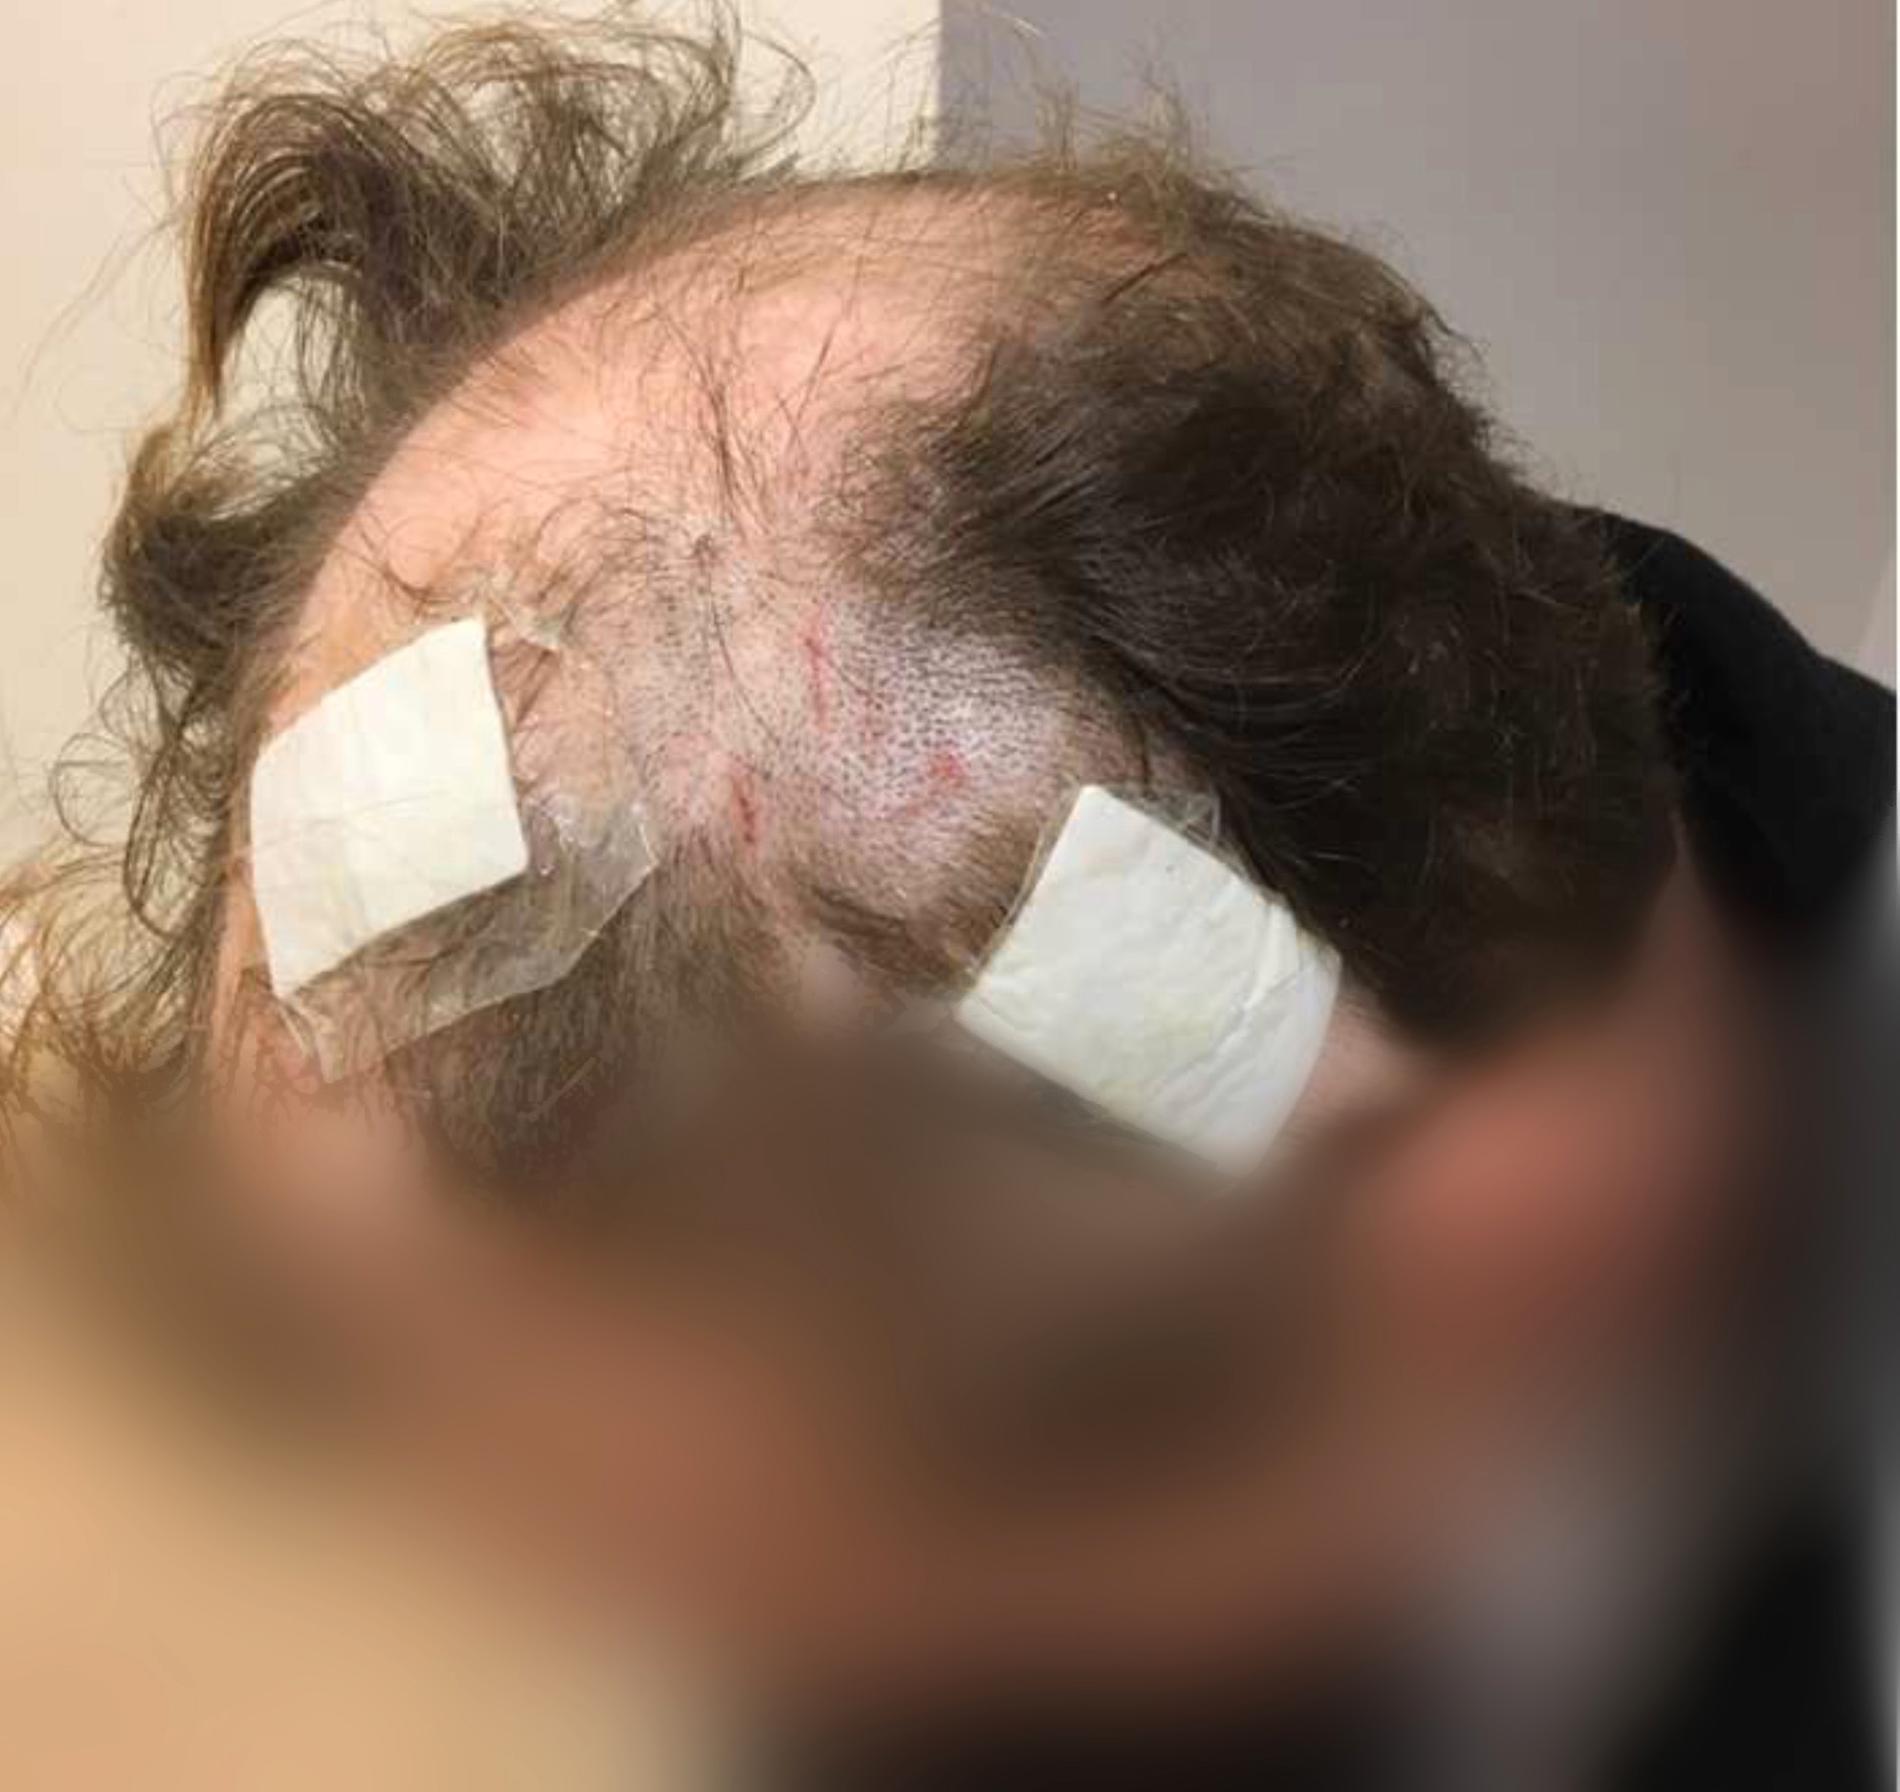 Mannen fick flera skärskador i huvudet efter att ha träffats av en glasflaska.